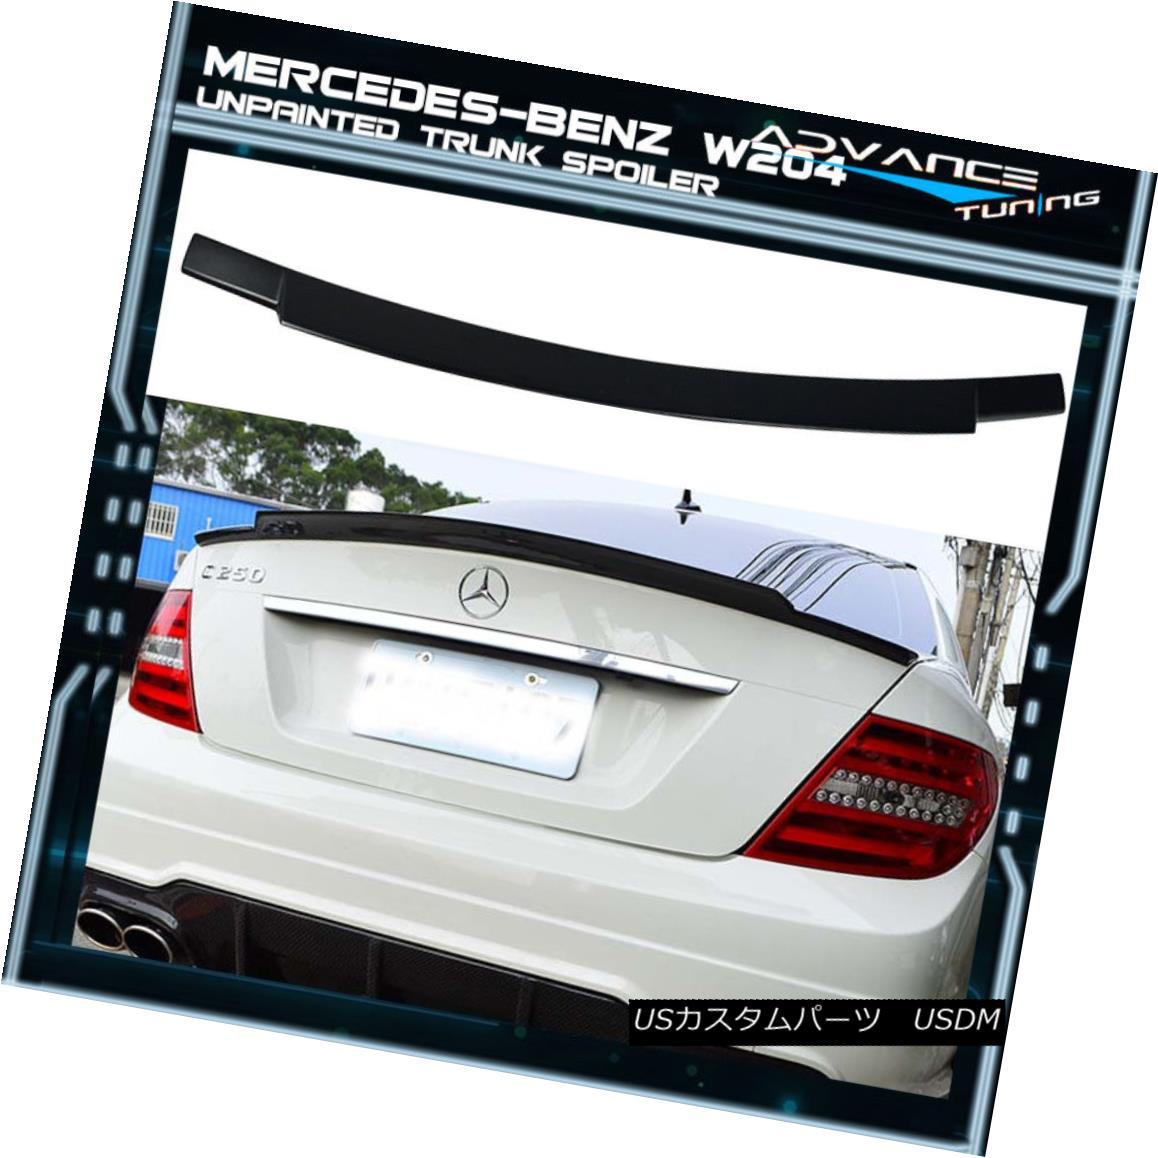 エアロパーツ Fits 08-14 Benz C-Class W204 4Dr Sedan V Style Unpainted Trunk Spoiler - ABS フィット08-14ベンツCクラスW204 4DrセダンVスタイル無塗装トランクスポイラー - ABS